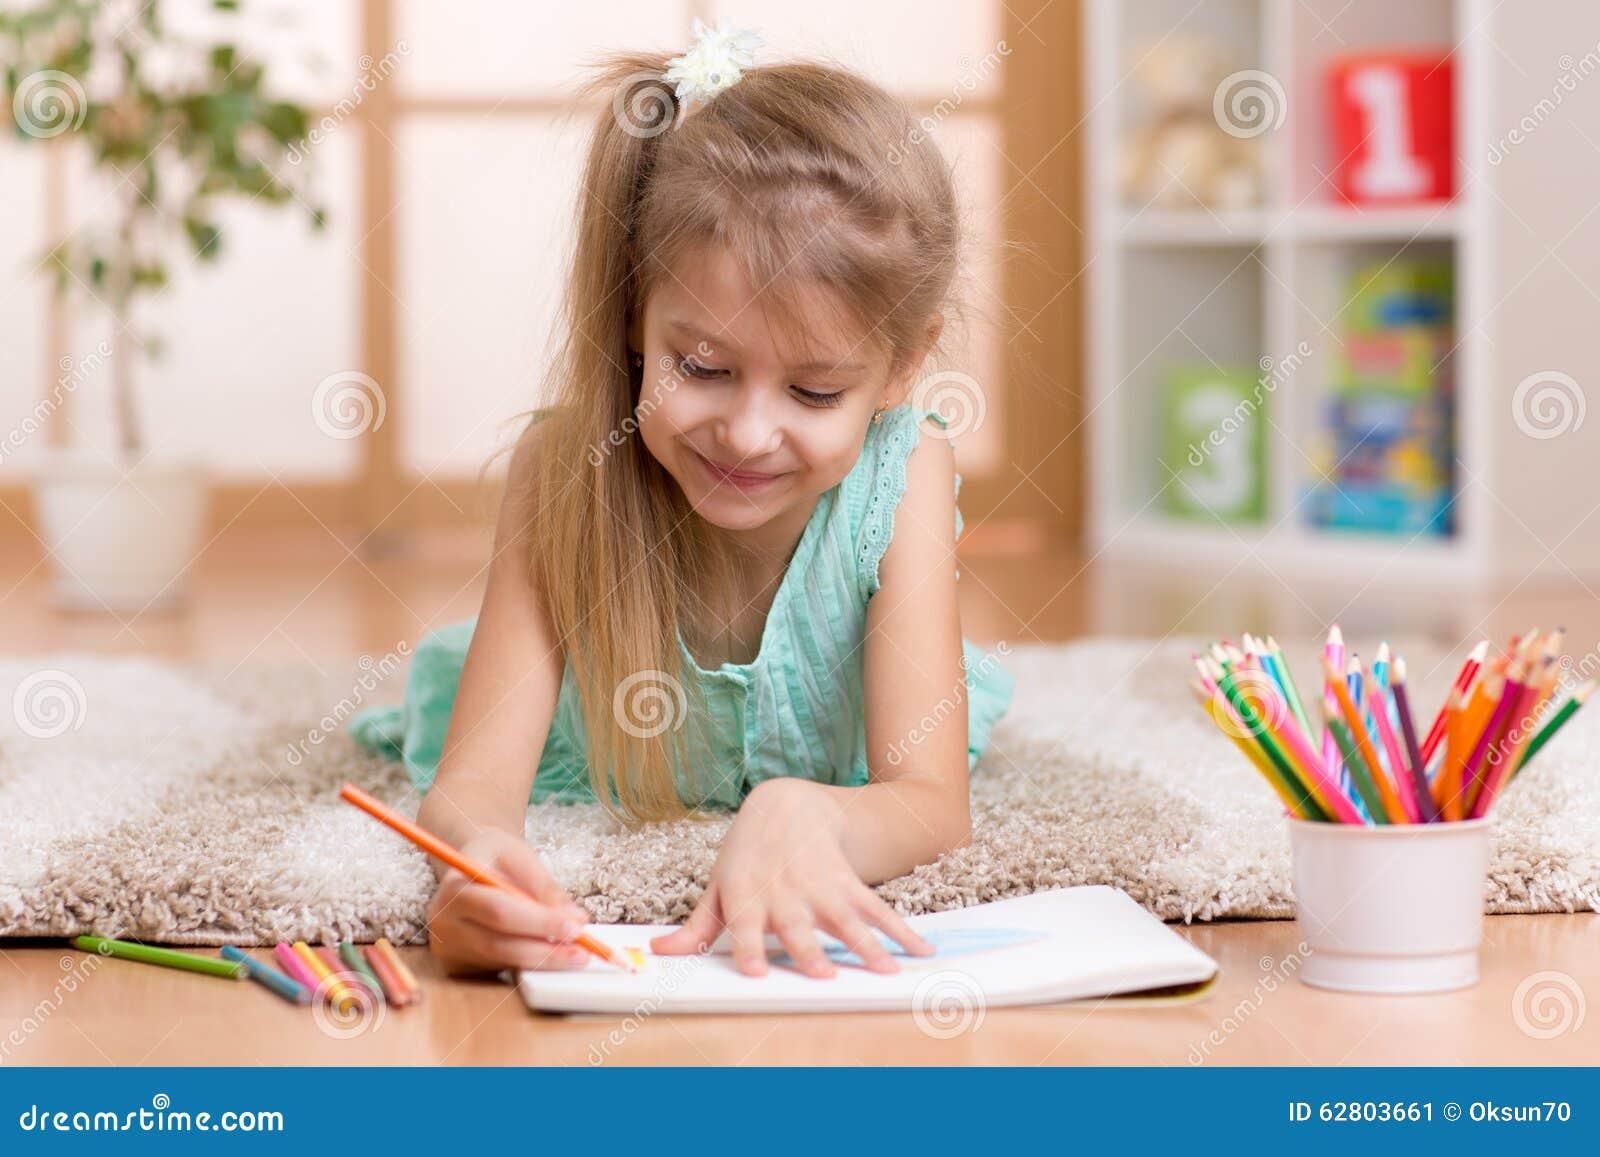 Bambino del bambino della bambina del bambino che disegna for Disegna i tuoi piani di casa gratuitamente